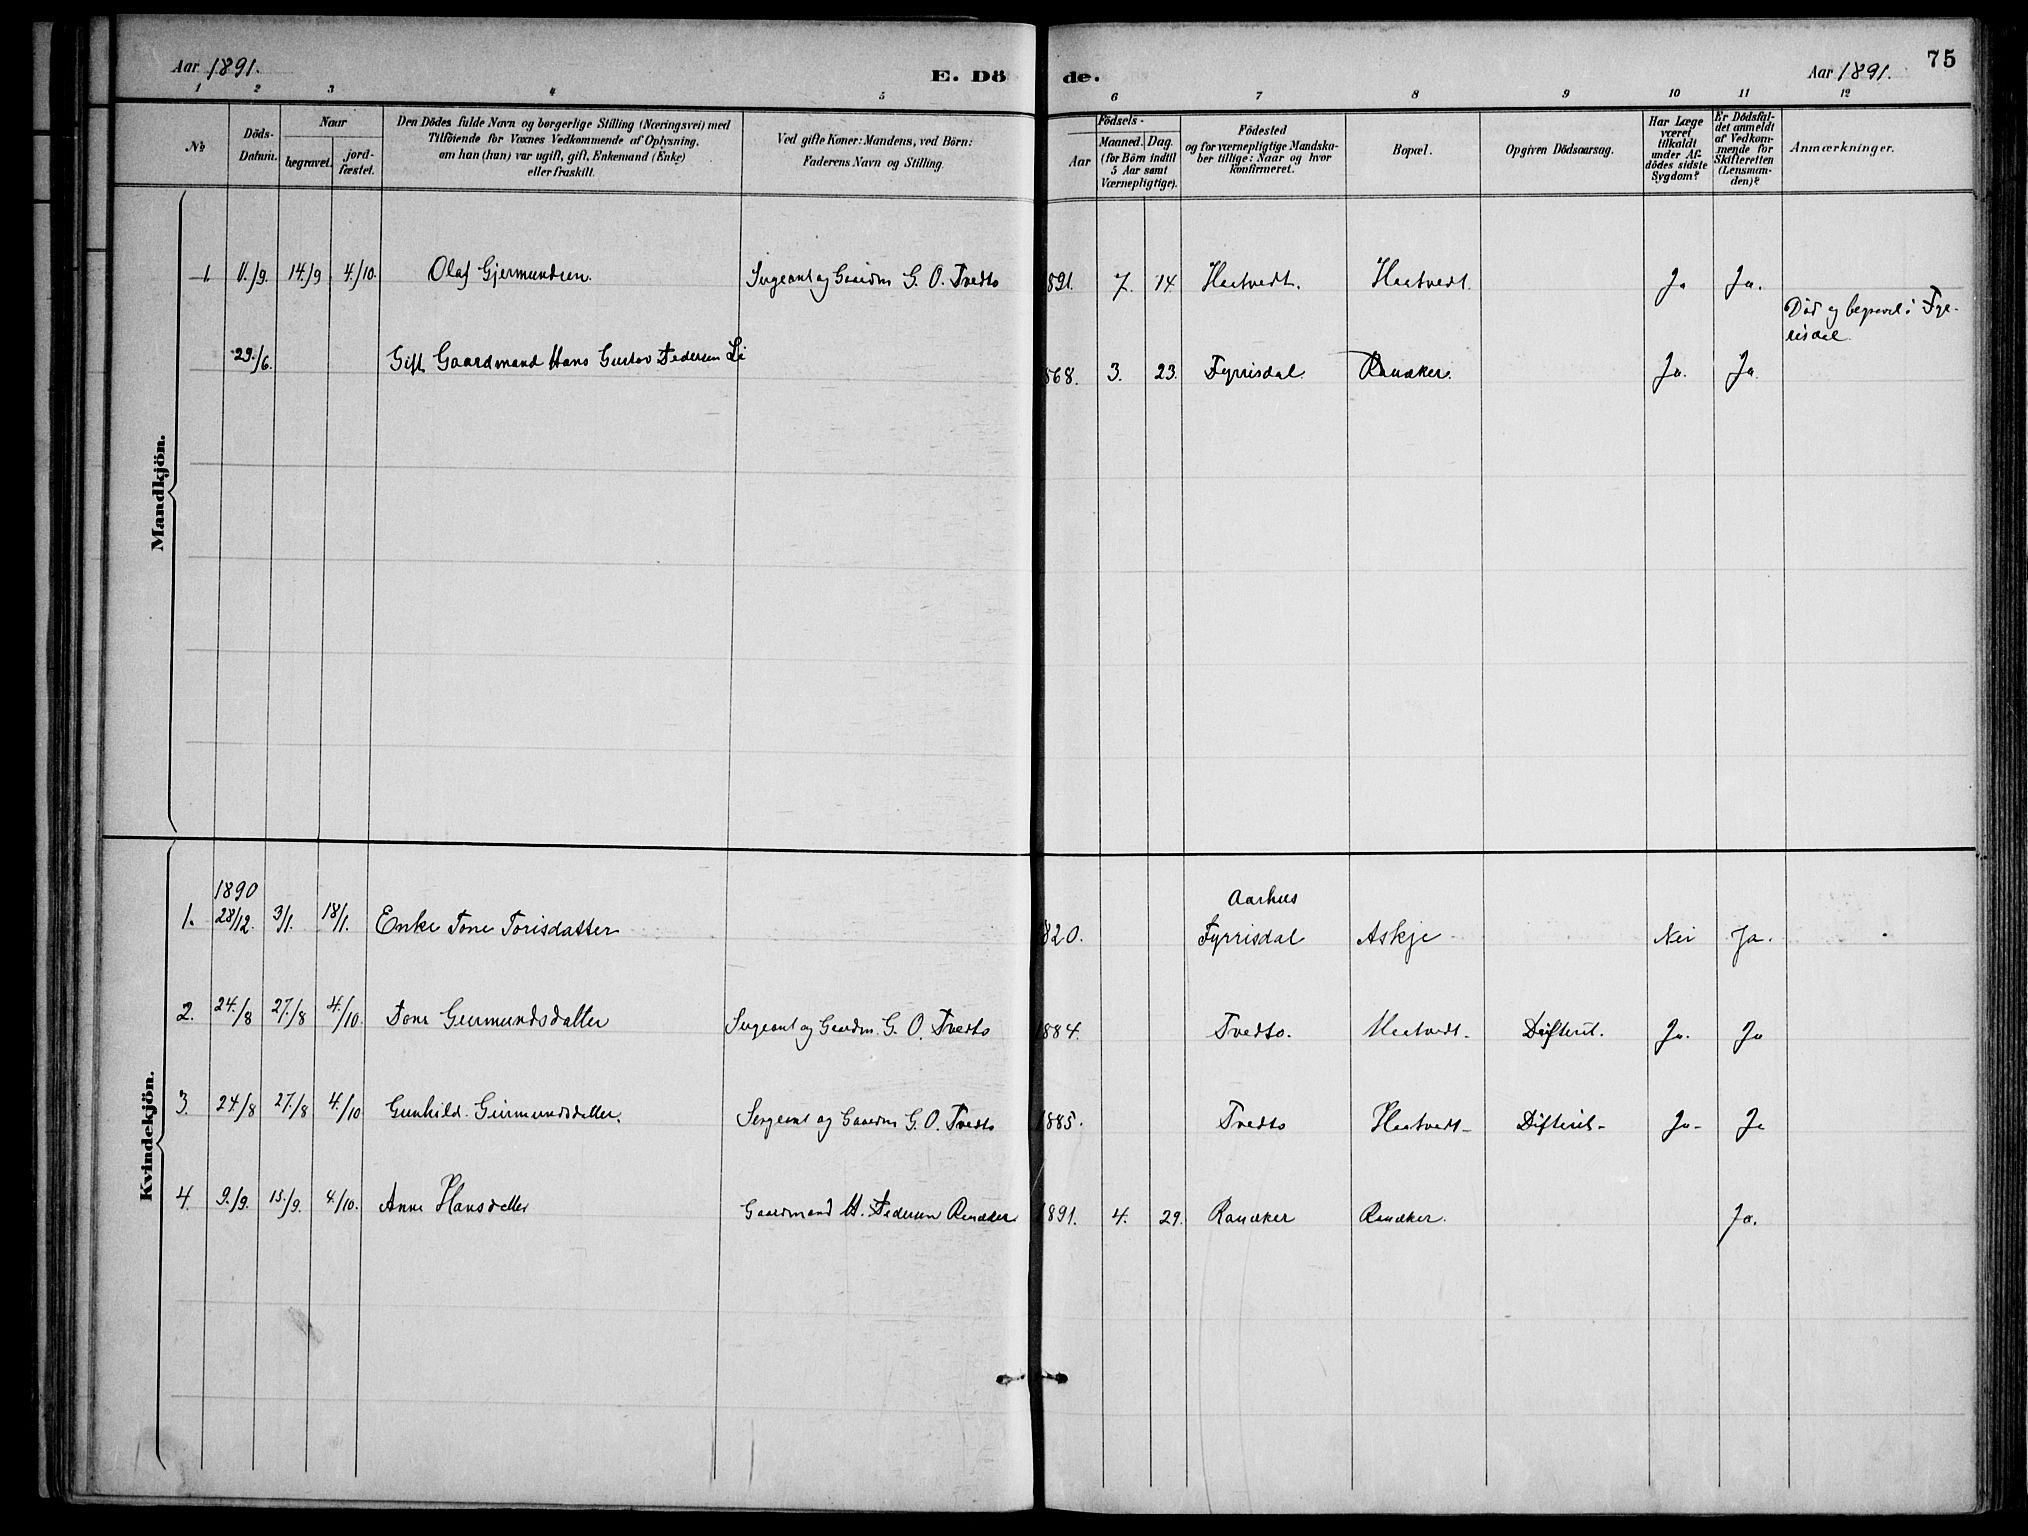 SAKO, Lårdal kirkebøker, F/Fa/L0007: Ministerialbok nr. I 7, 1887-1906, s. 75